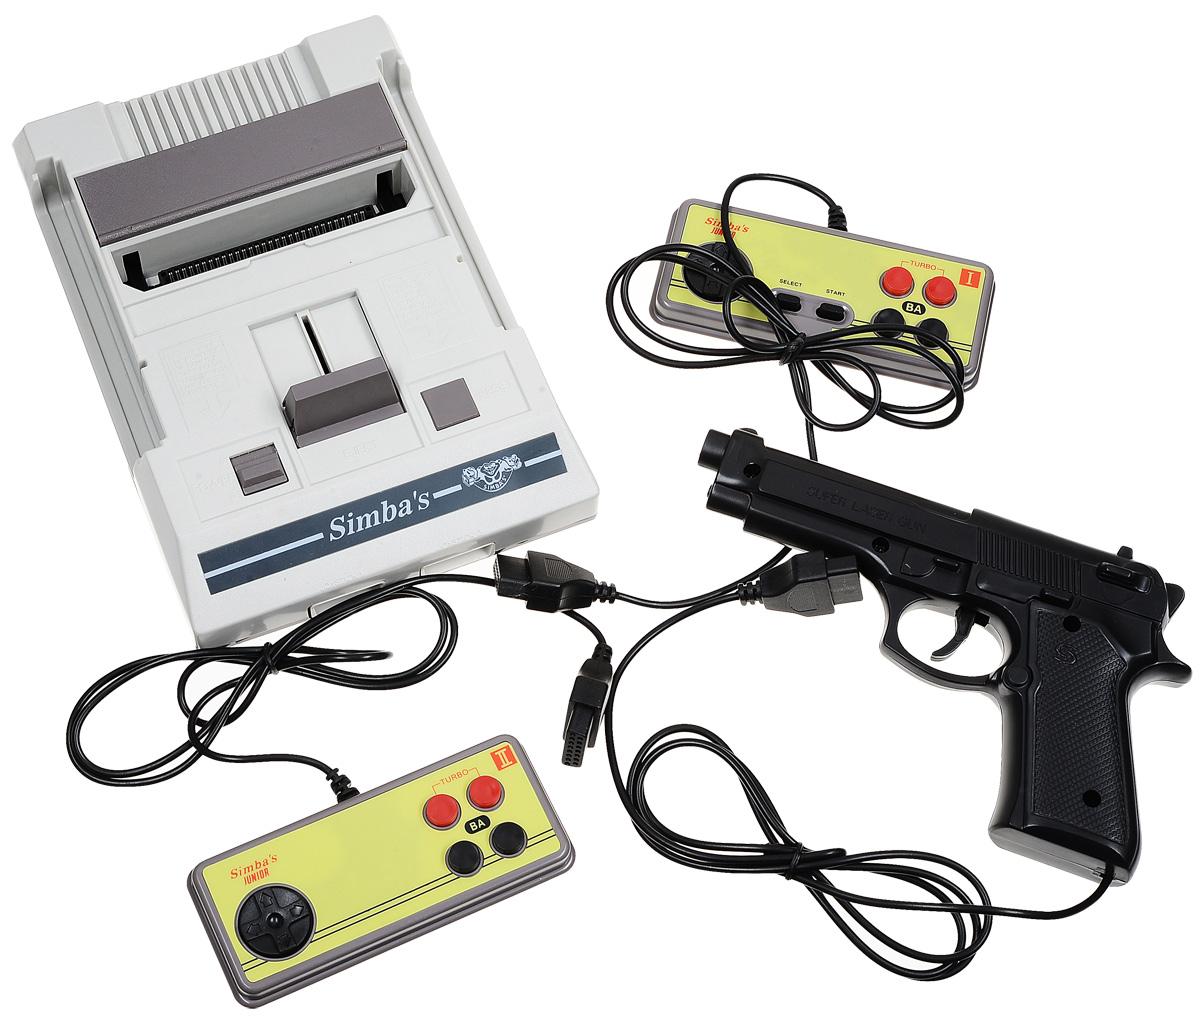 Simba's Junior игровая приставка + картридж на 9999999 игр игровая приставка pgp aio creative 2 8 touch 100 игр синий оранжевый